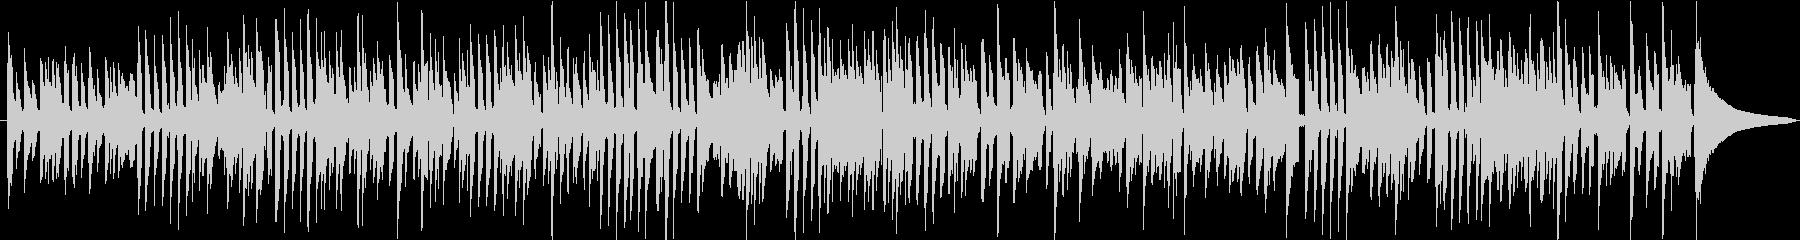 アコースティックギターのミディアム曲の未再生の波形